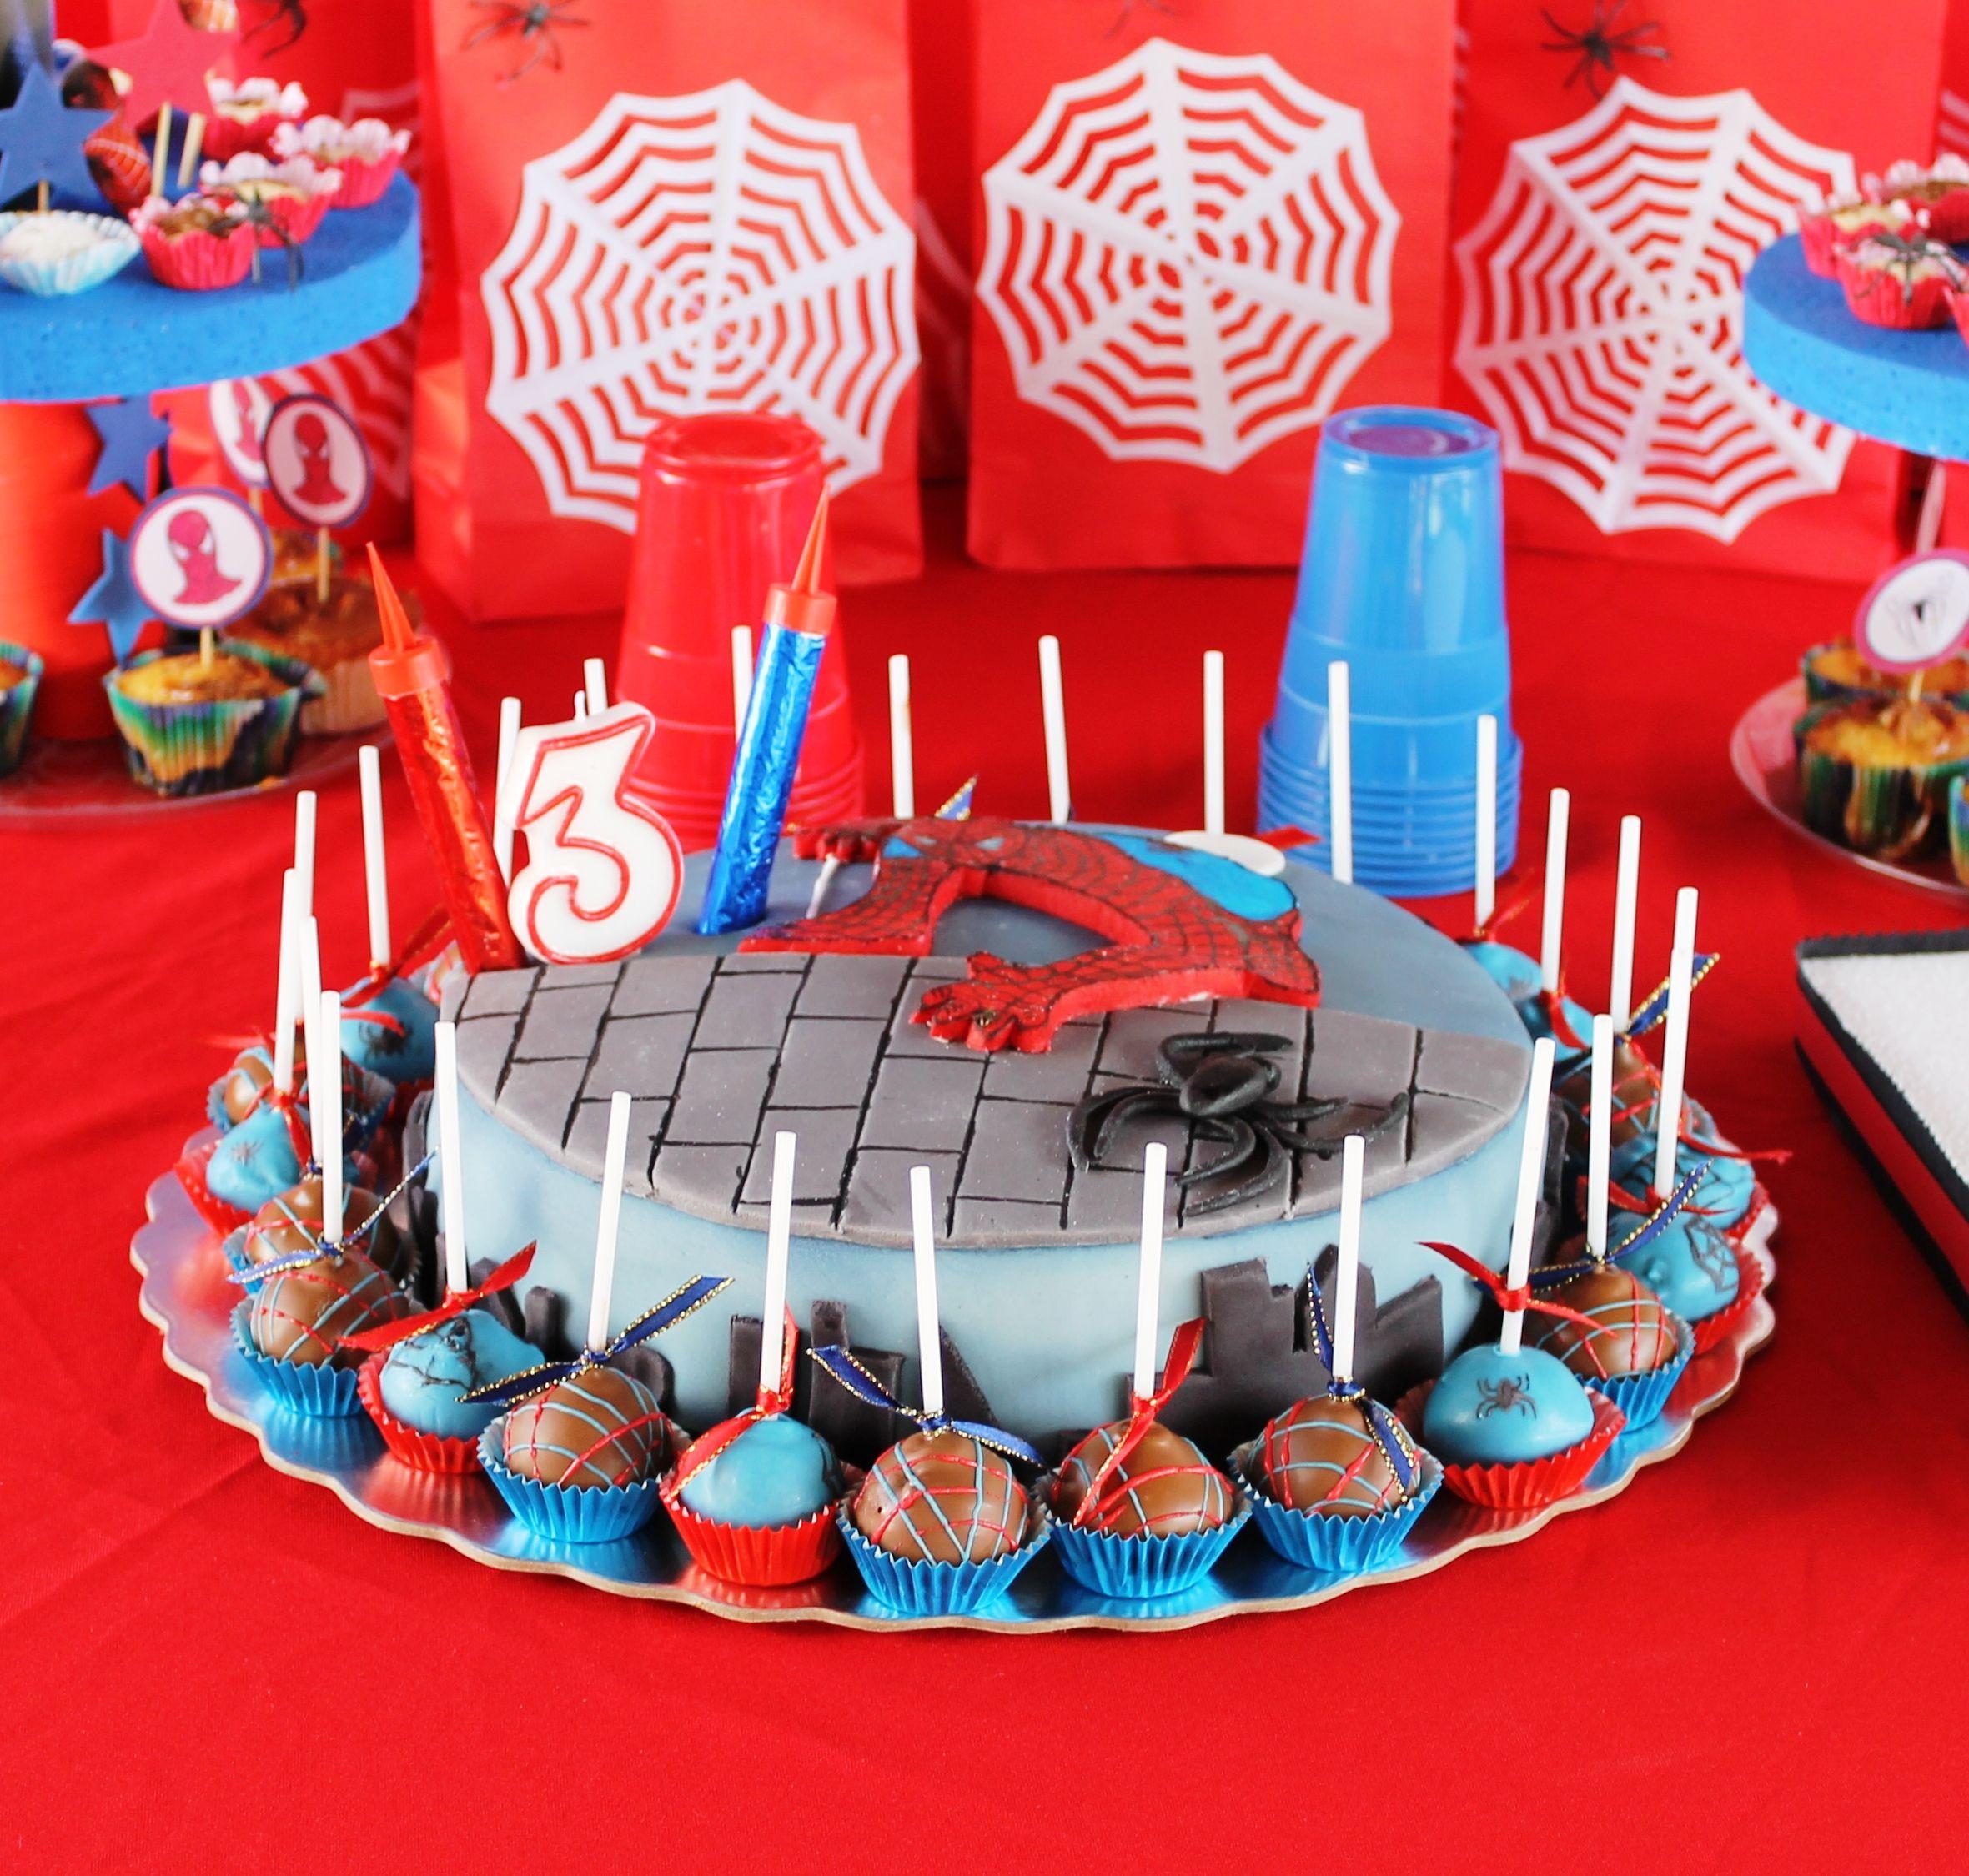 La Torta Spiderman Nro 3 De Chris Con Cakepops Incluidos